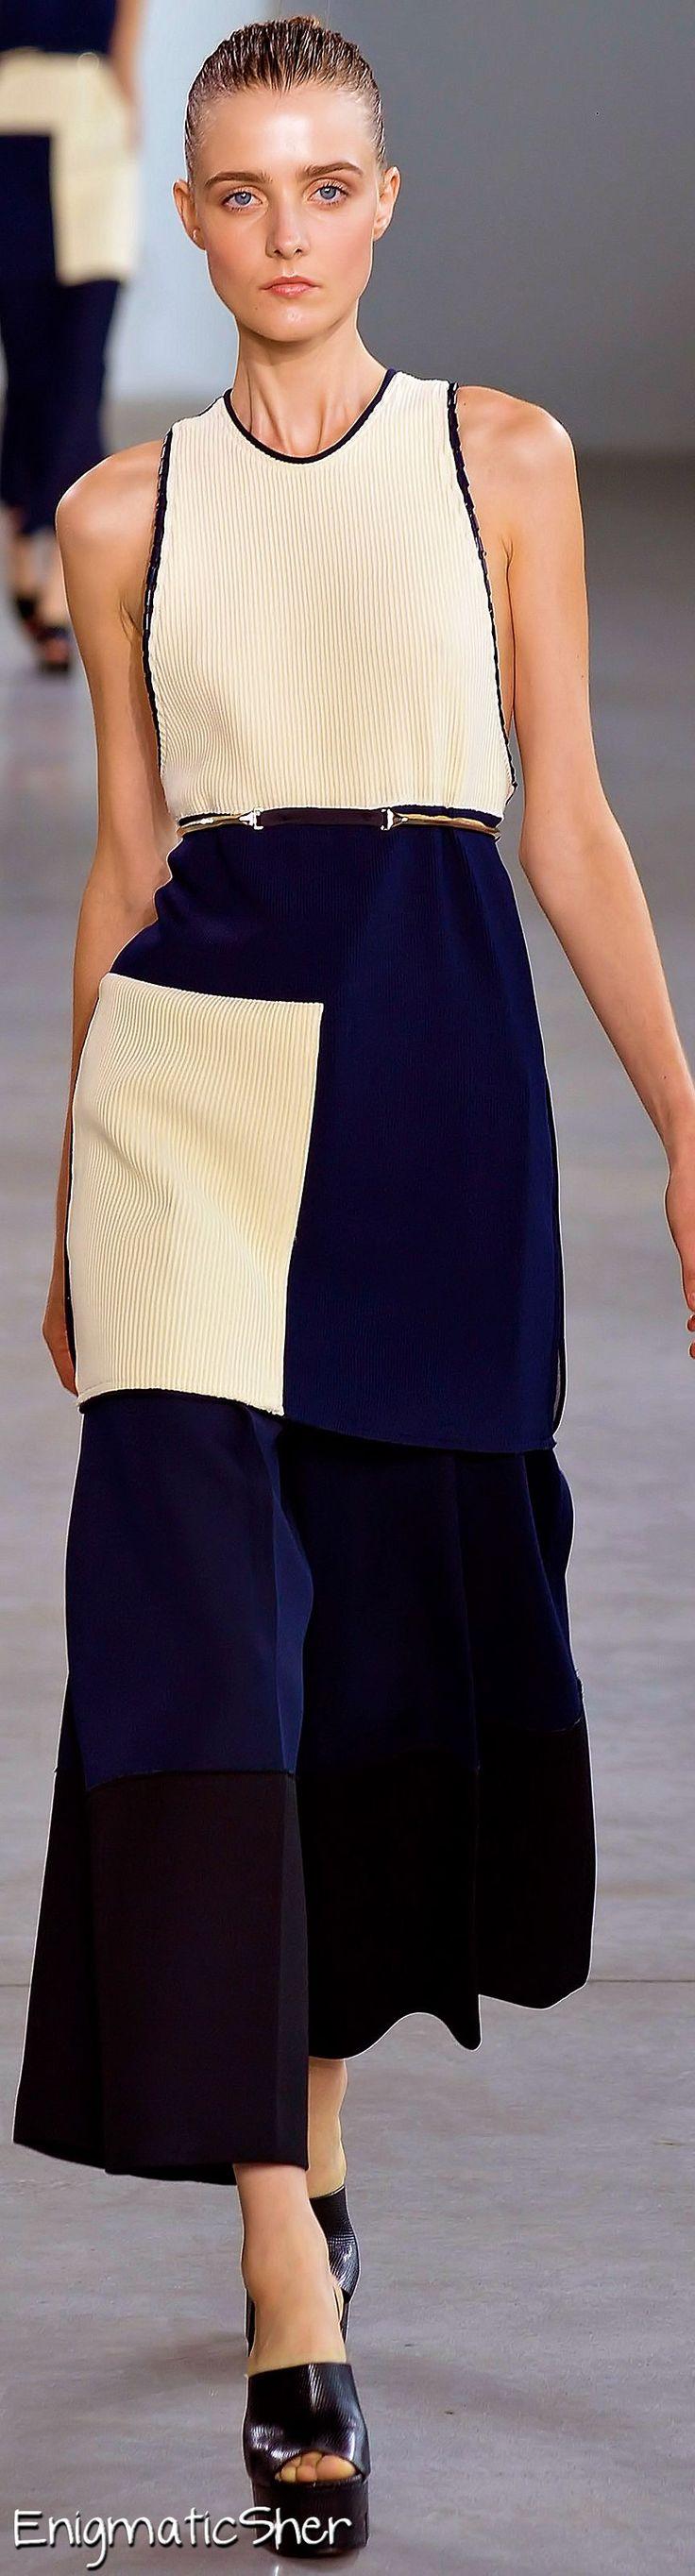 Calvin Klein Collection Spring Summer 2015 Ready-To-Wear